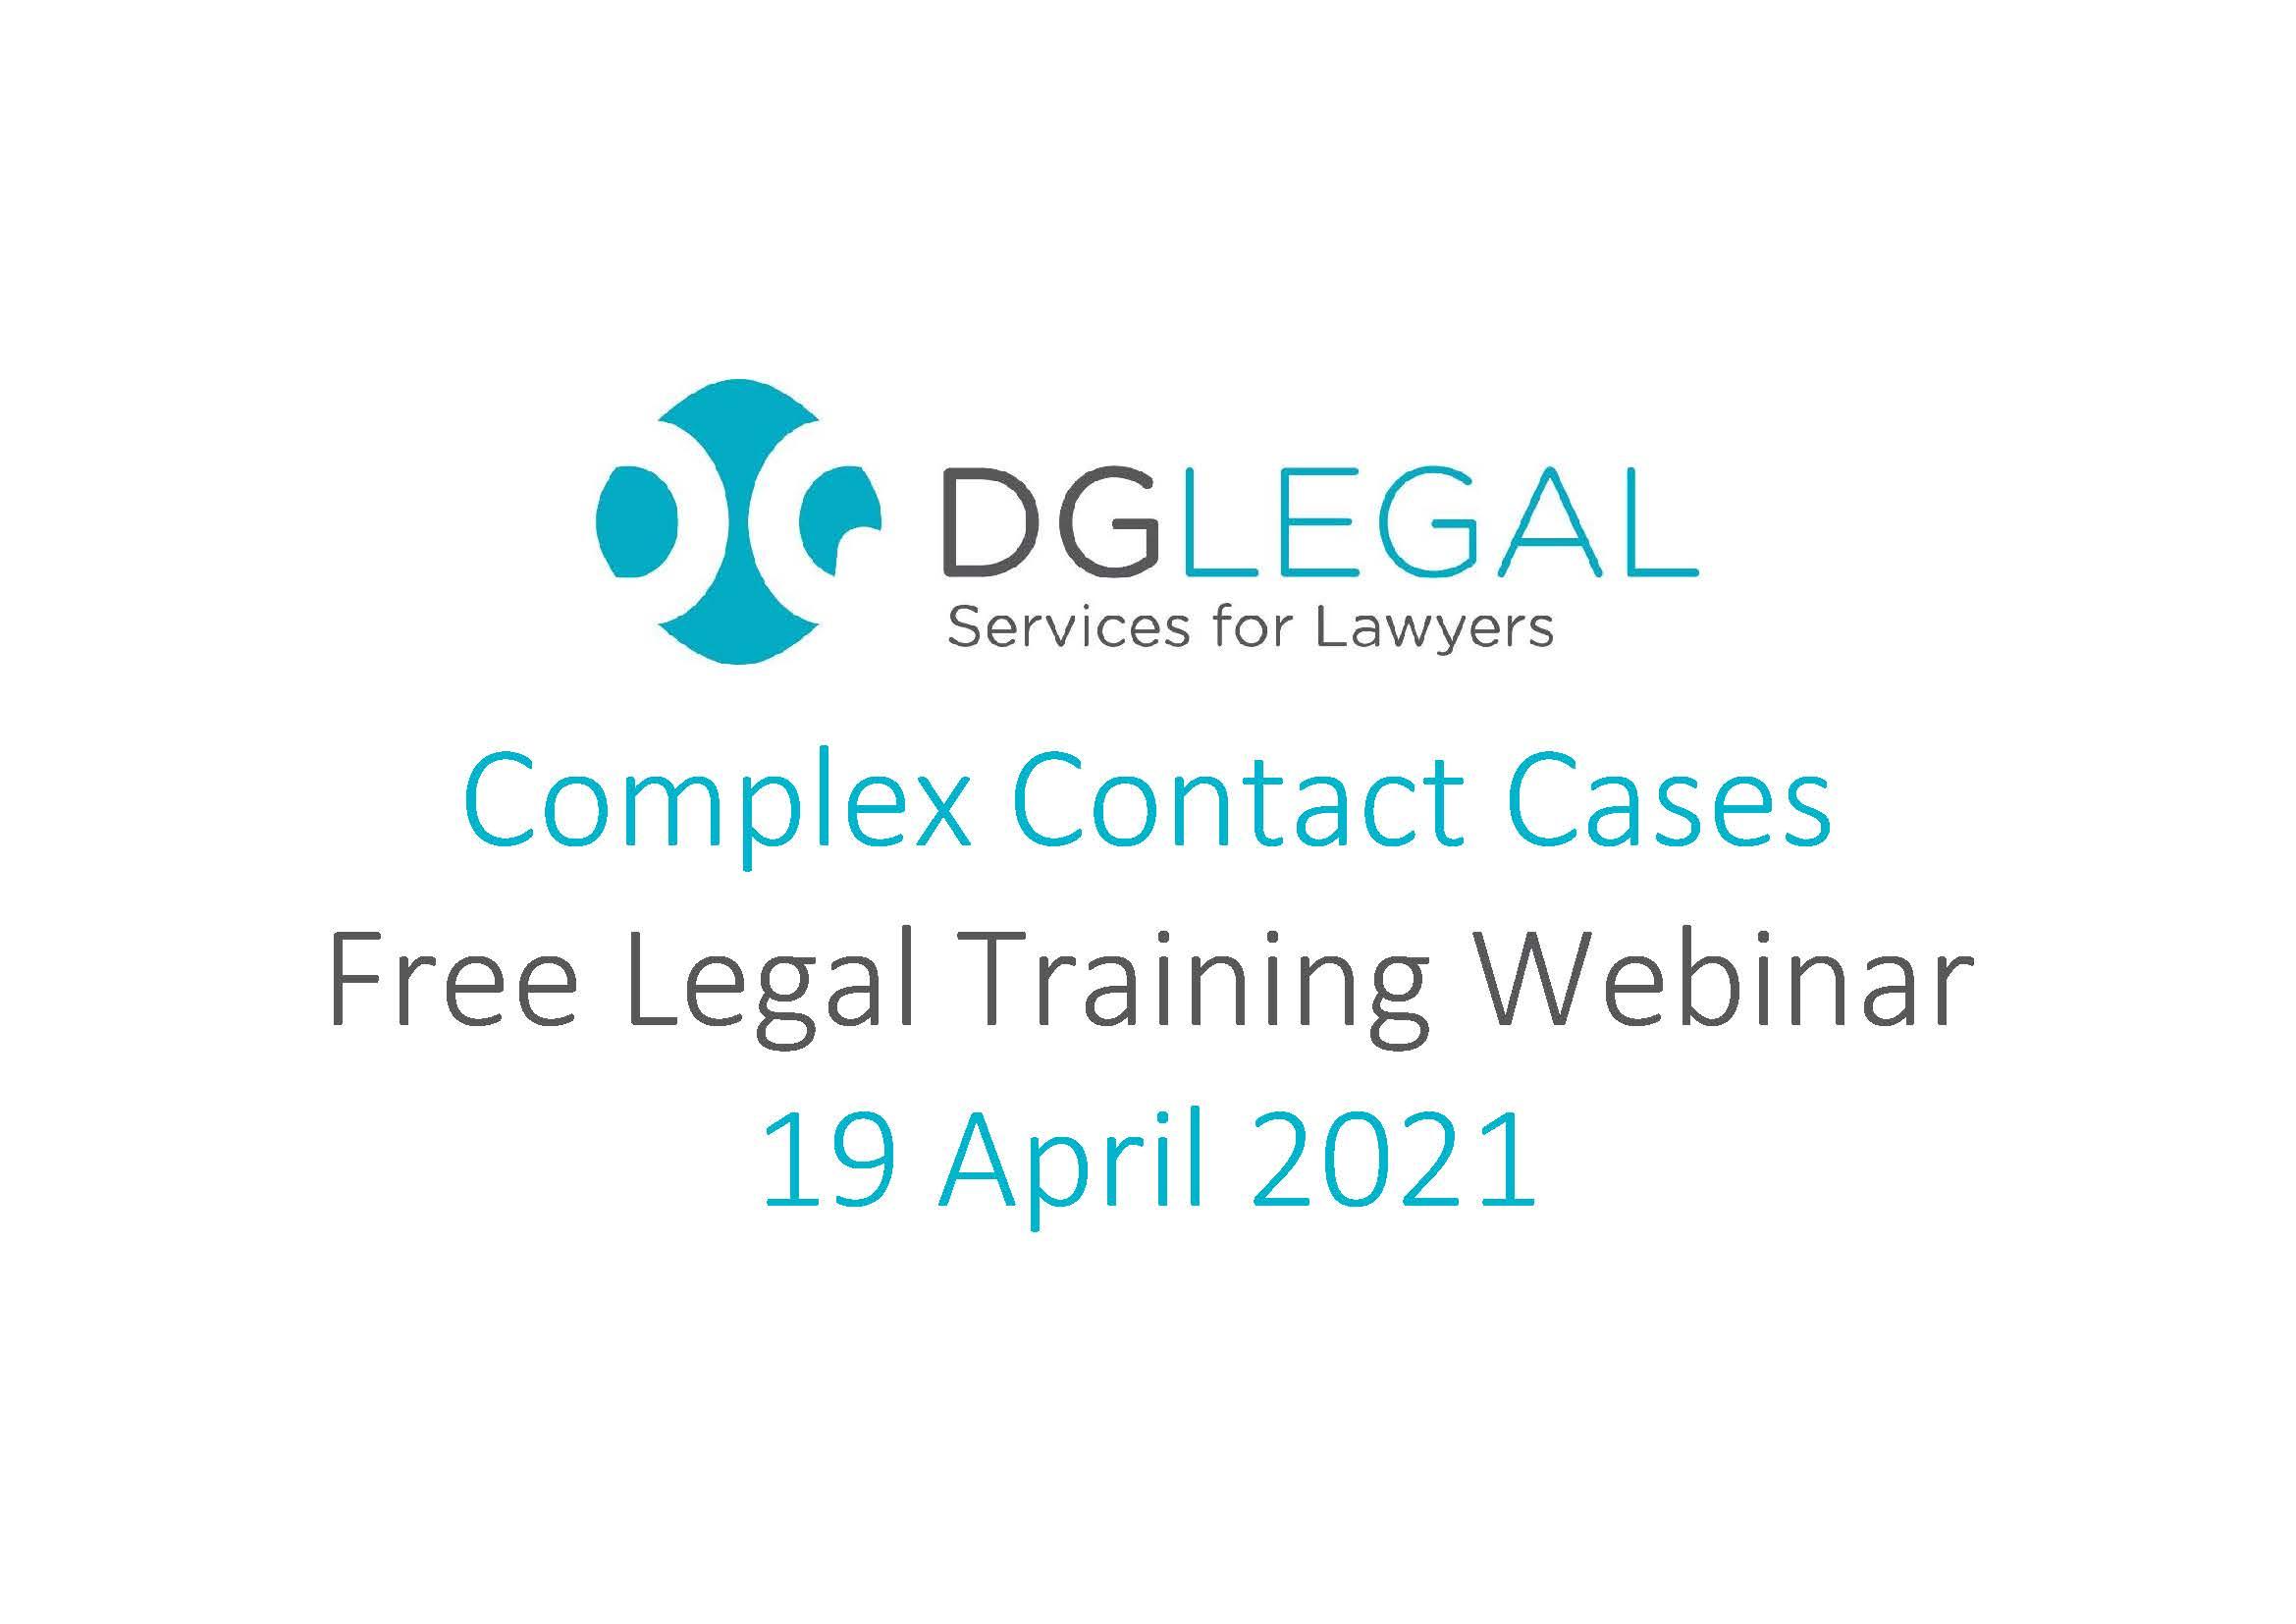 Complex Contact Cases